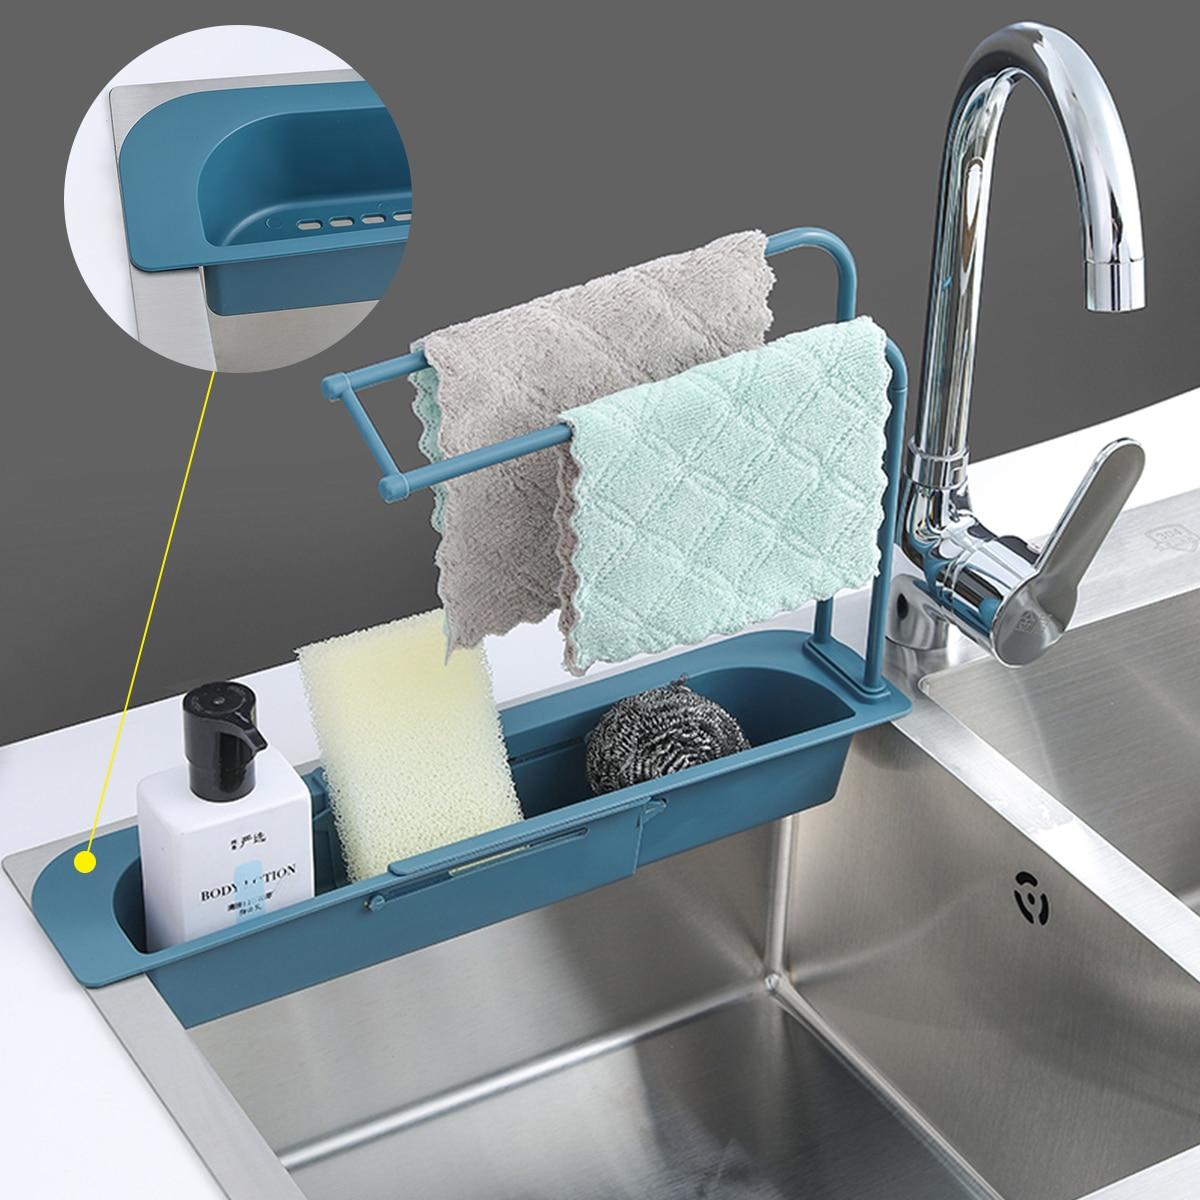 Küche Teleskop Waschbecken Rack Küche Abtropffläche Rack Lagerung Korb Tasche Wasserhahn Halter Einstellbar Bad Halter Waschbecken Küche Werkzeug